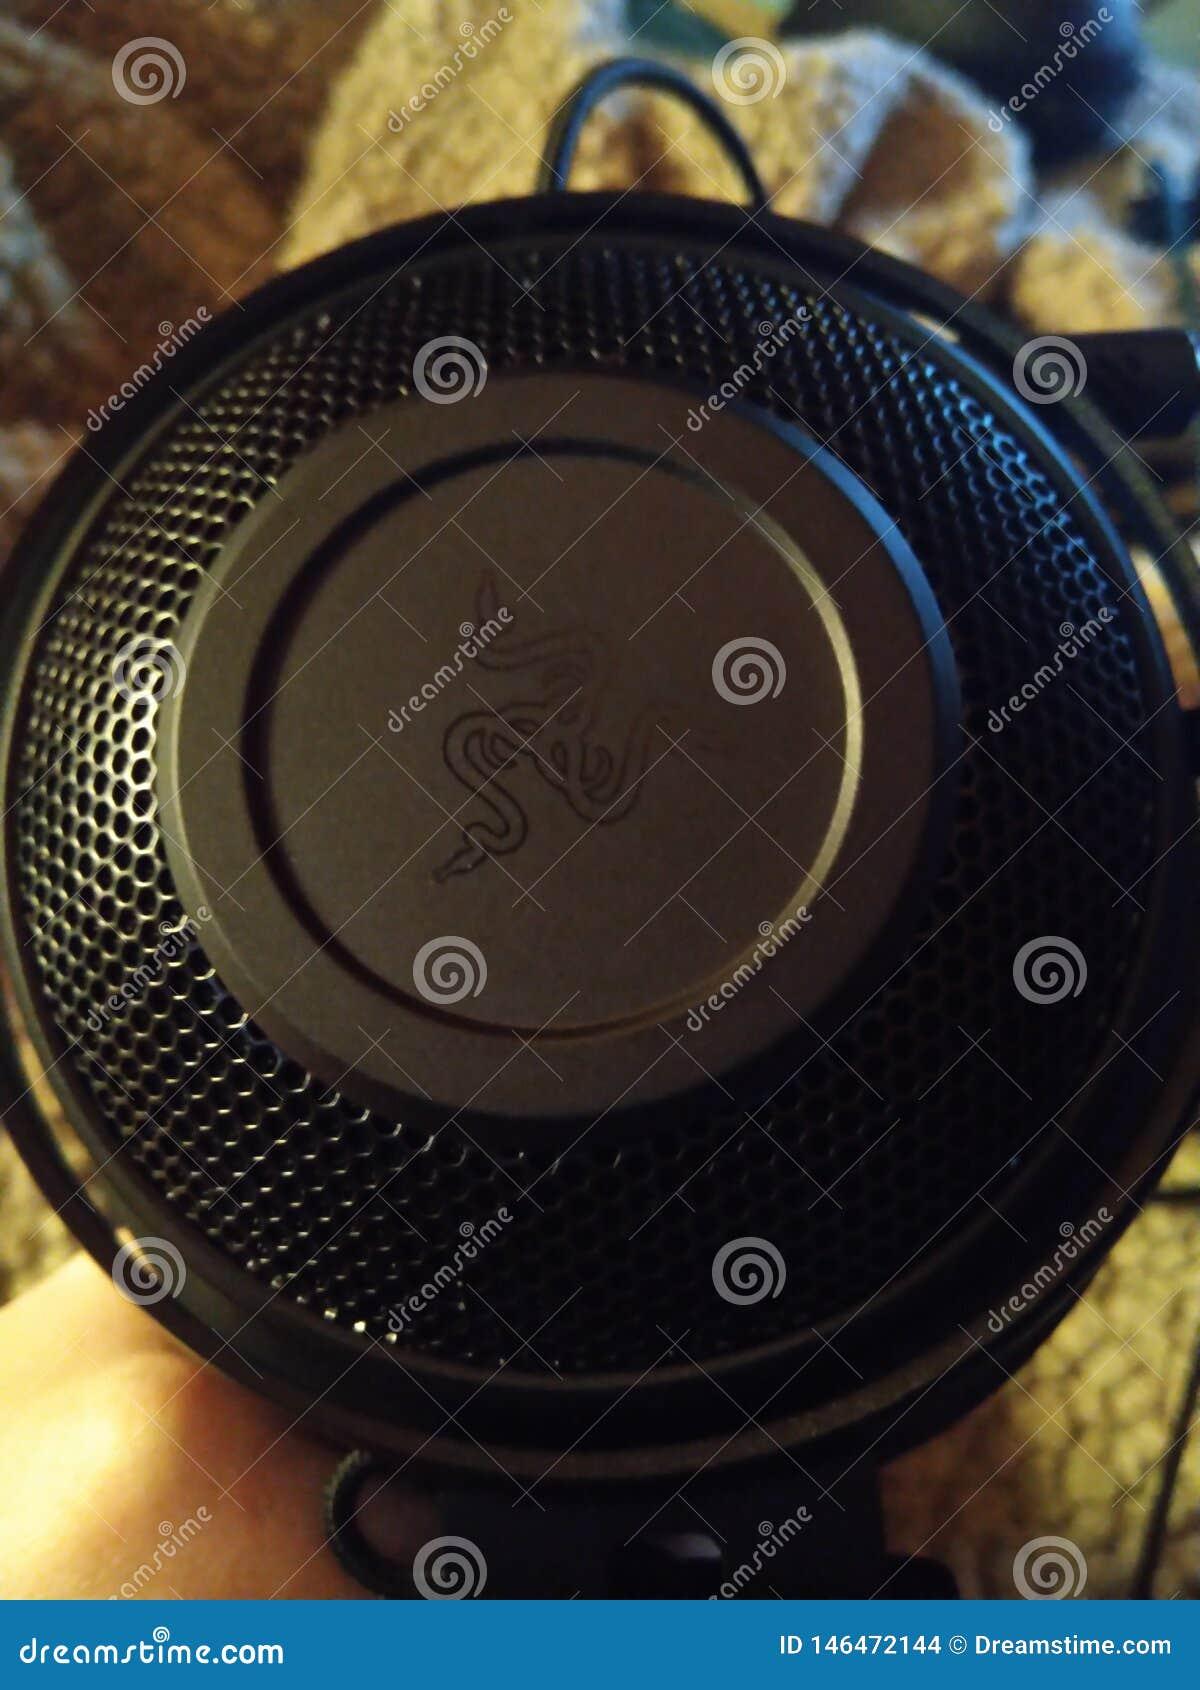 Razer Kraken - spela hörlurar med mikrofon 007